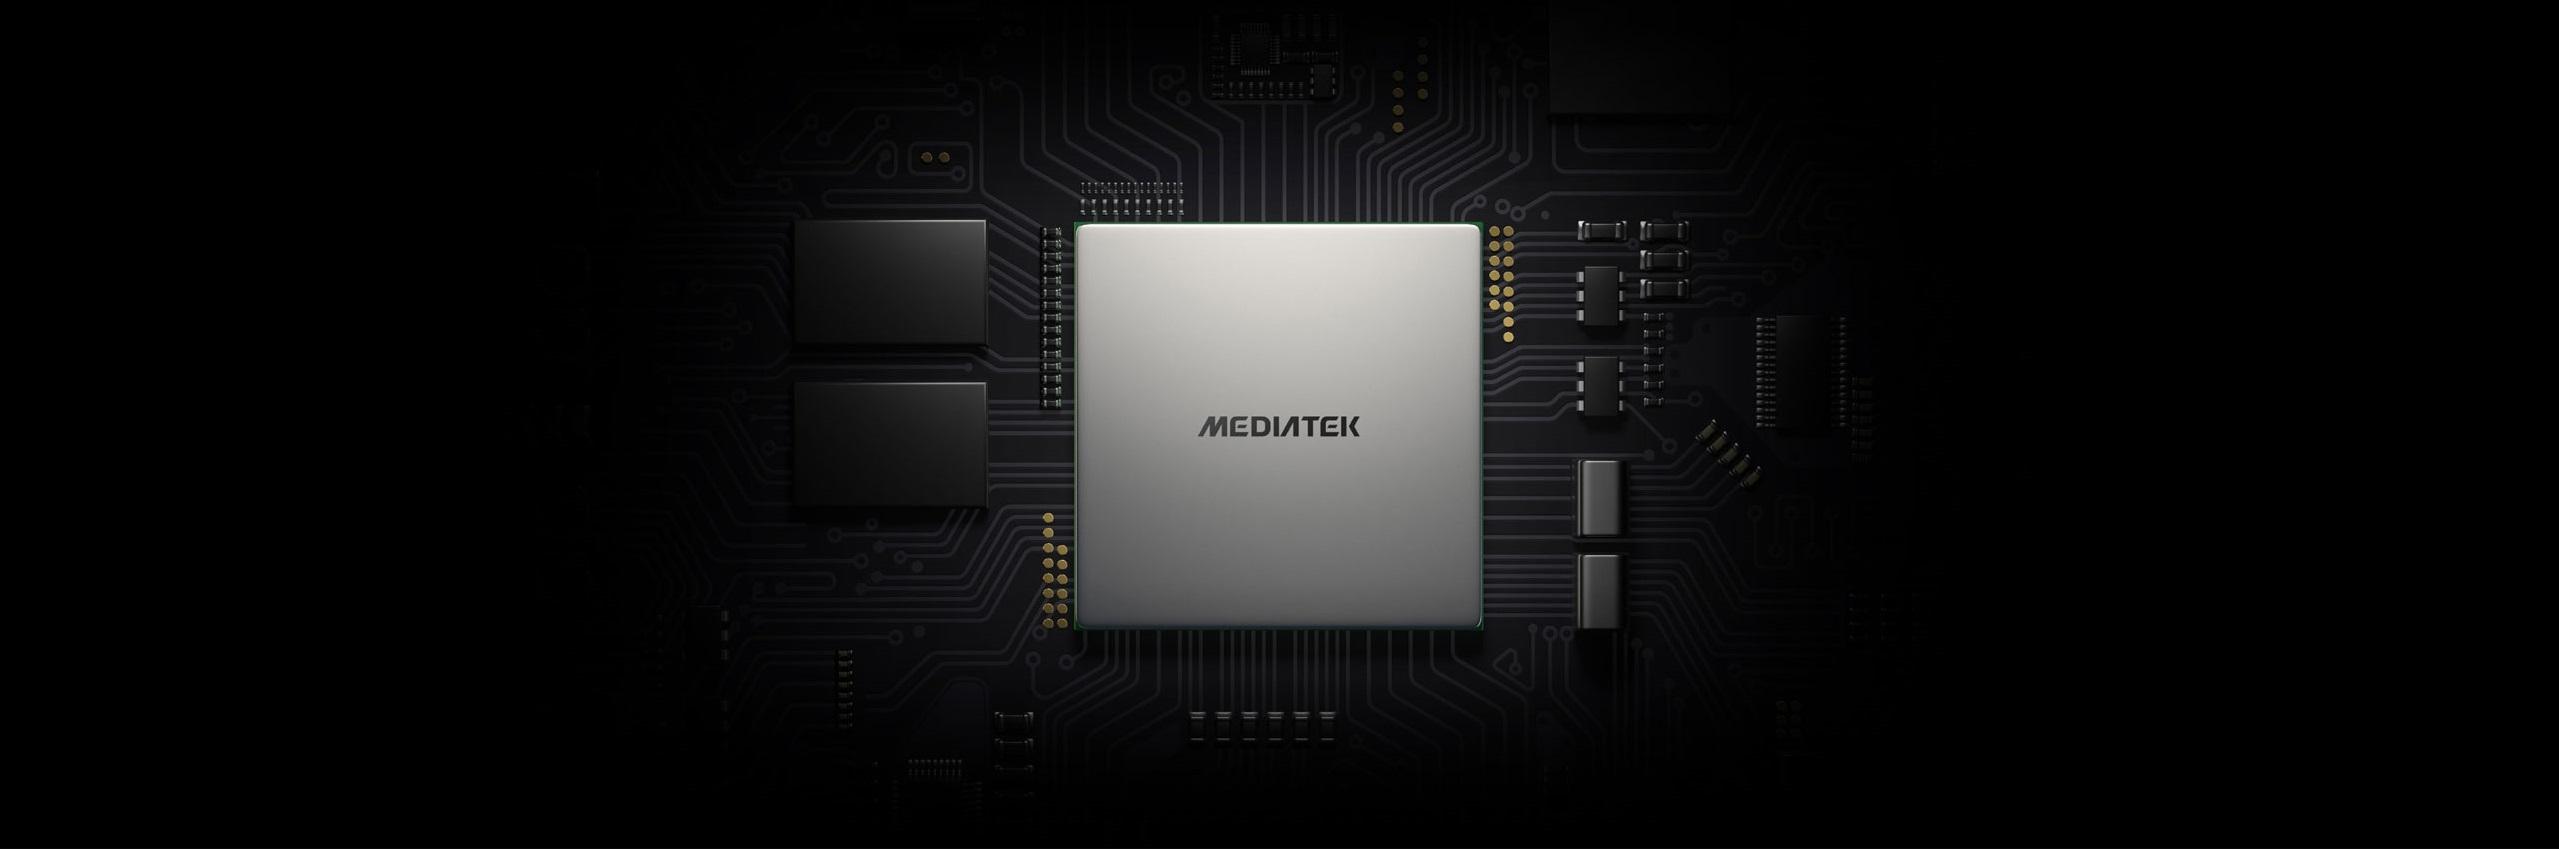 MediaTek pozostanie największym producentem procesorów w 2021 roku. A co z resztą?